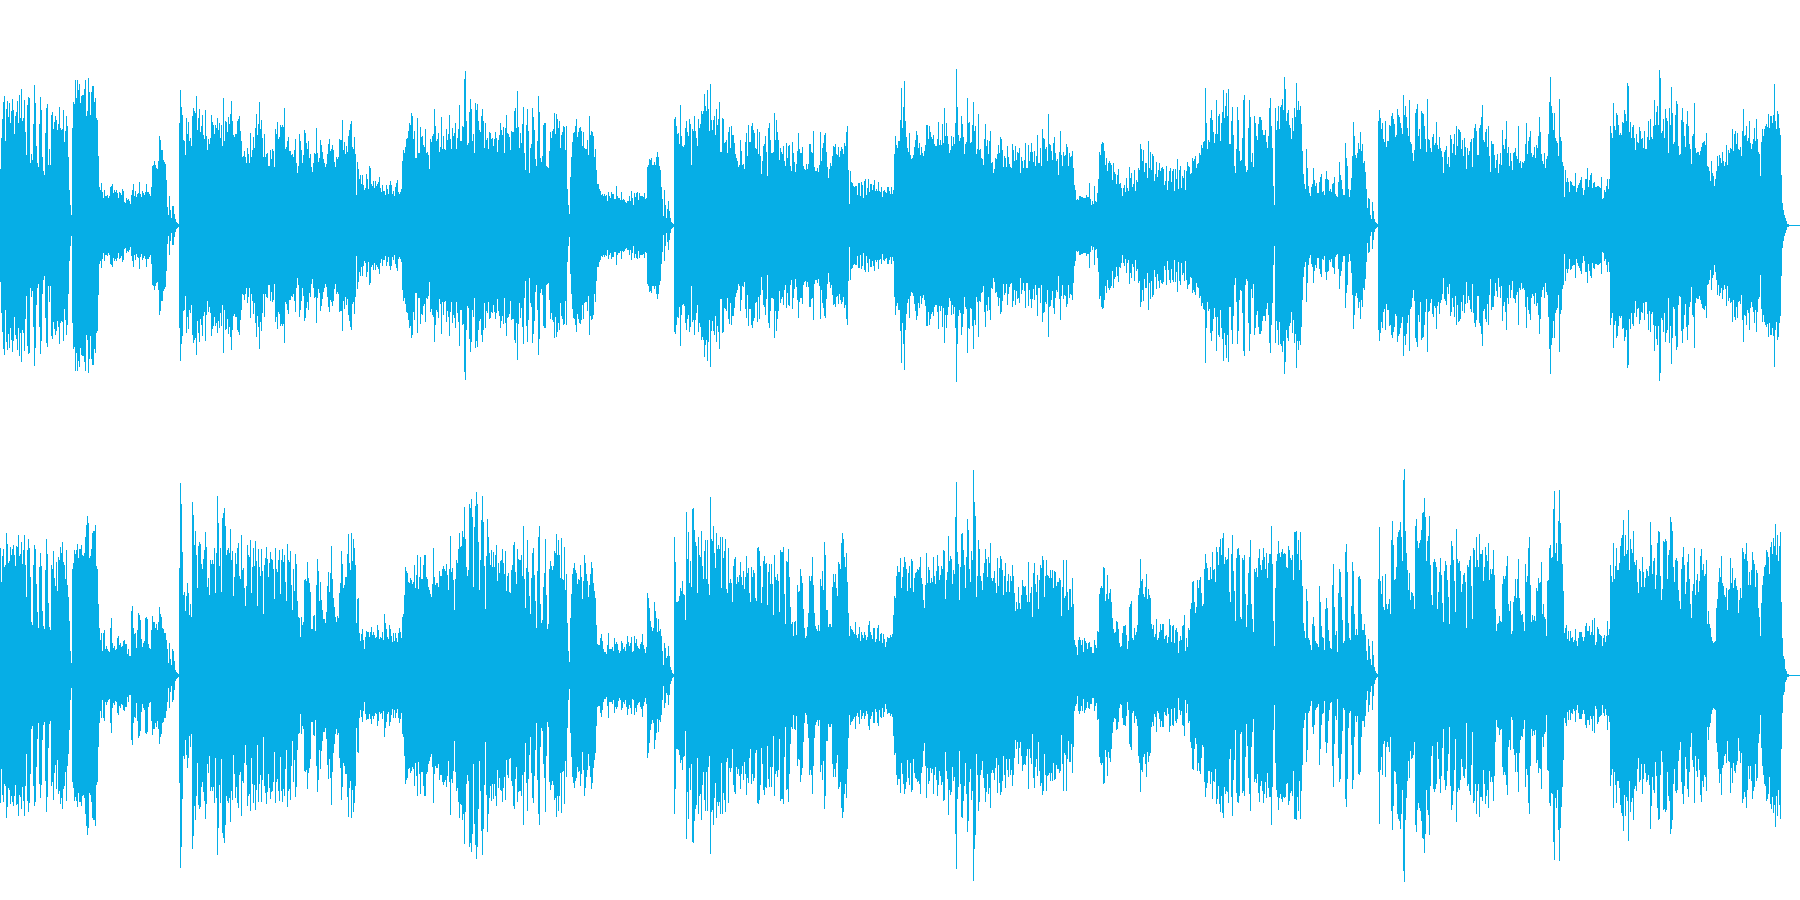 モーツァルト交響曲第25番ト短調の再生済みの波形